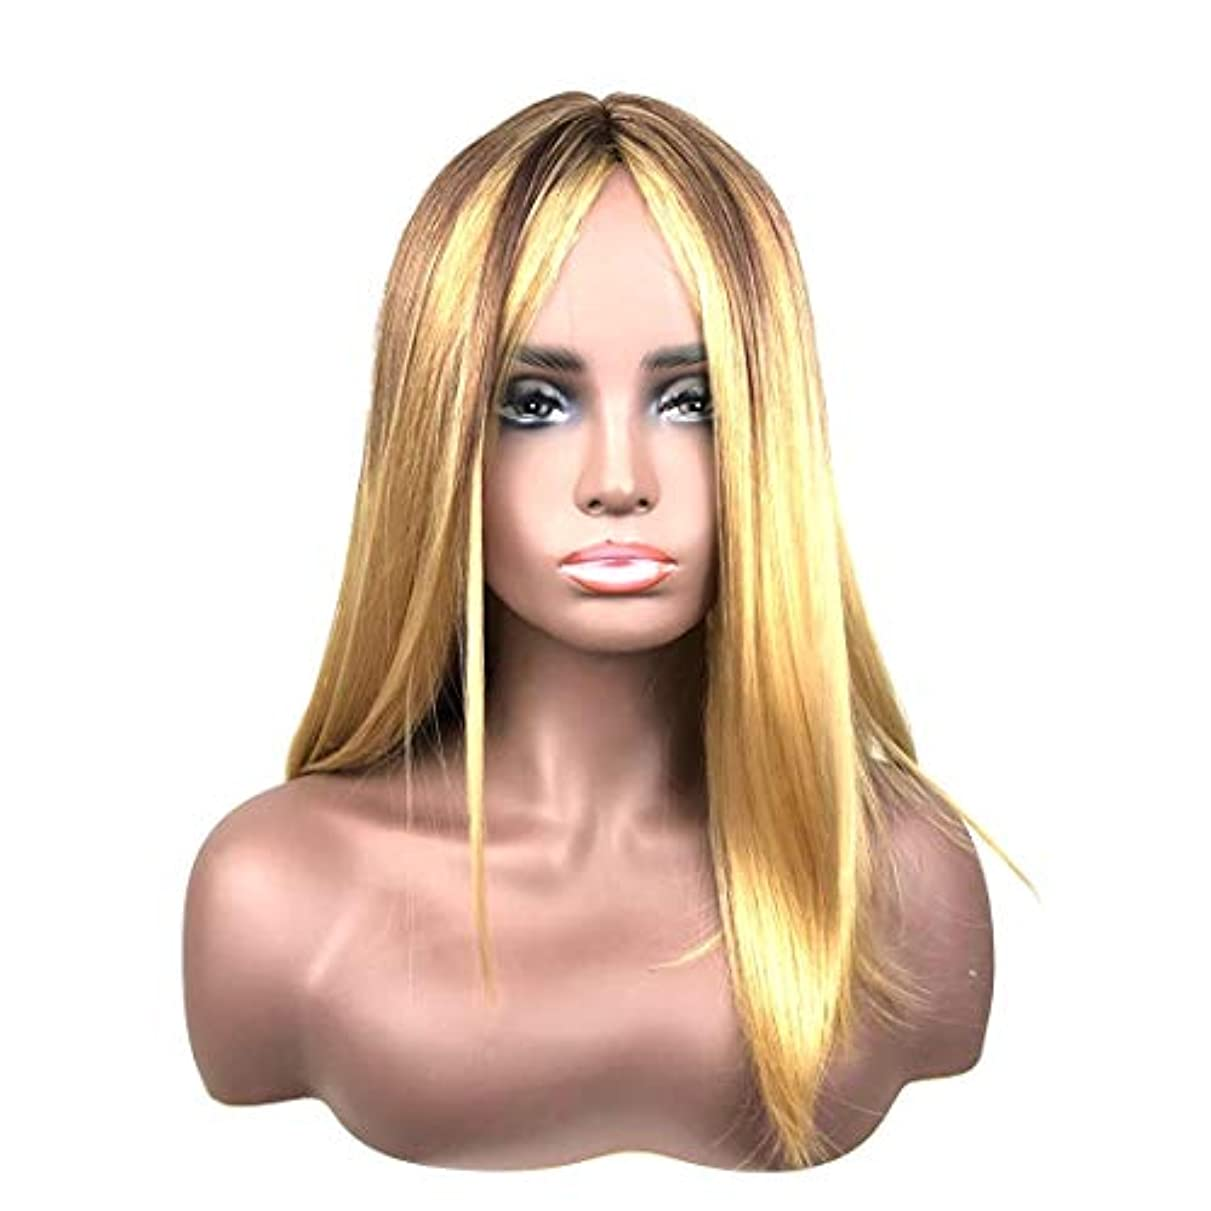 圧縮された液化するアセンブリKerwinner 前髪合成耐熱性女性のヘアスタイルと短いふわふわボブ変態ストレートヘアウィッグ